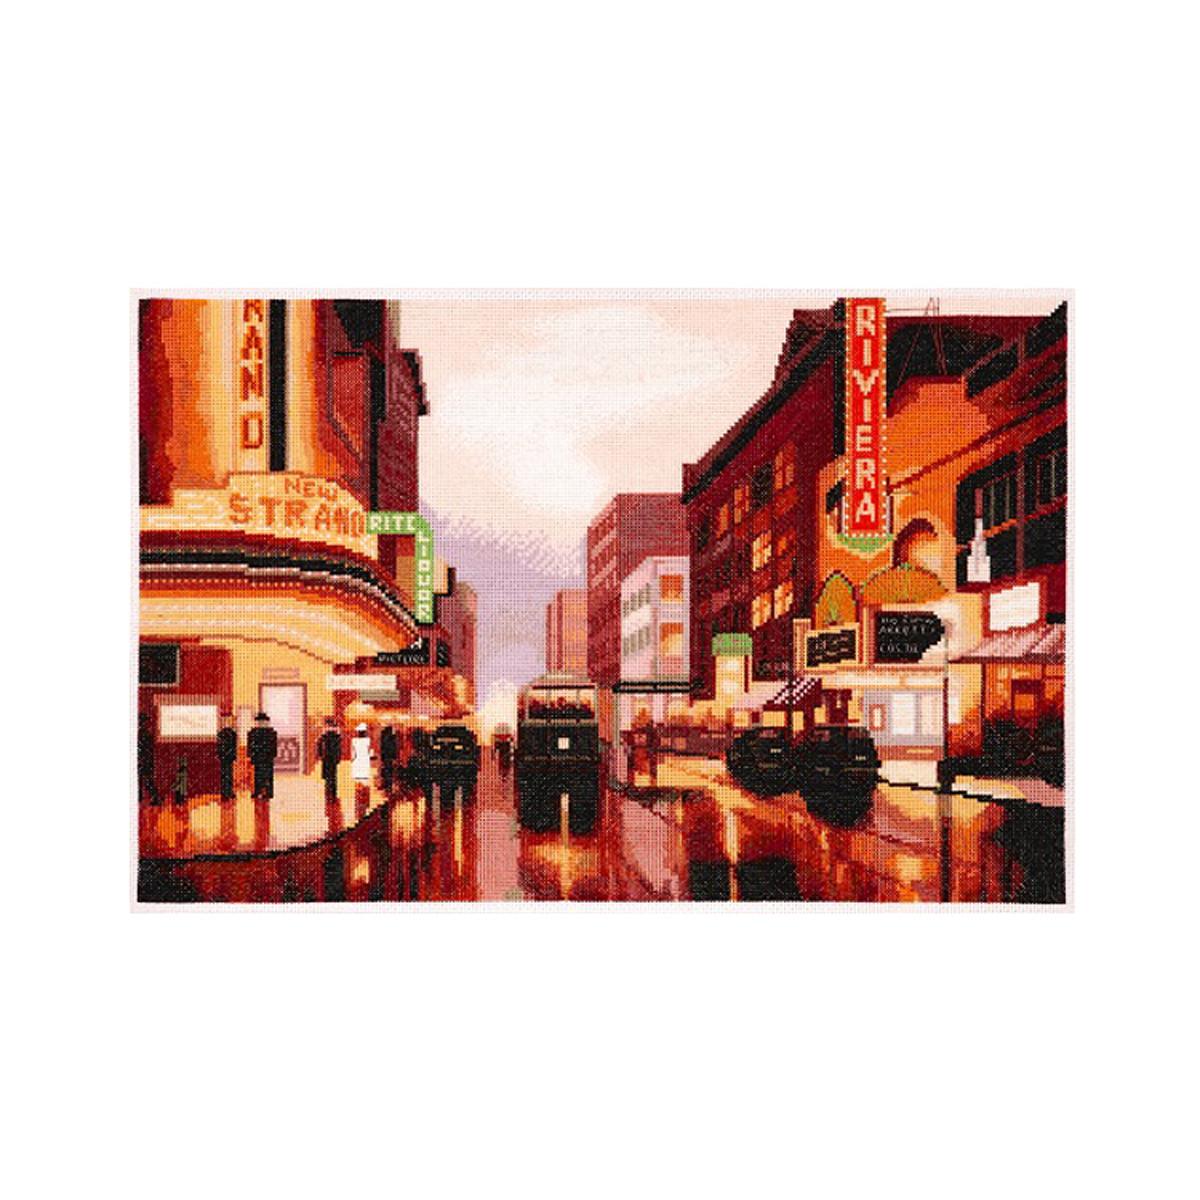 Набор для вышивания Alisena Огни большого города, 39 x 26 см488074